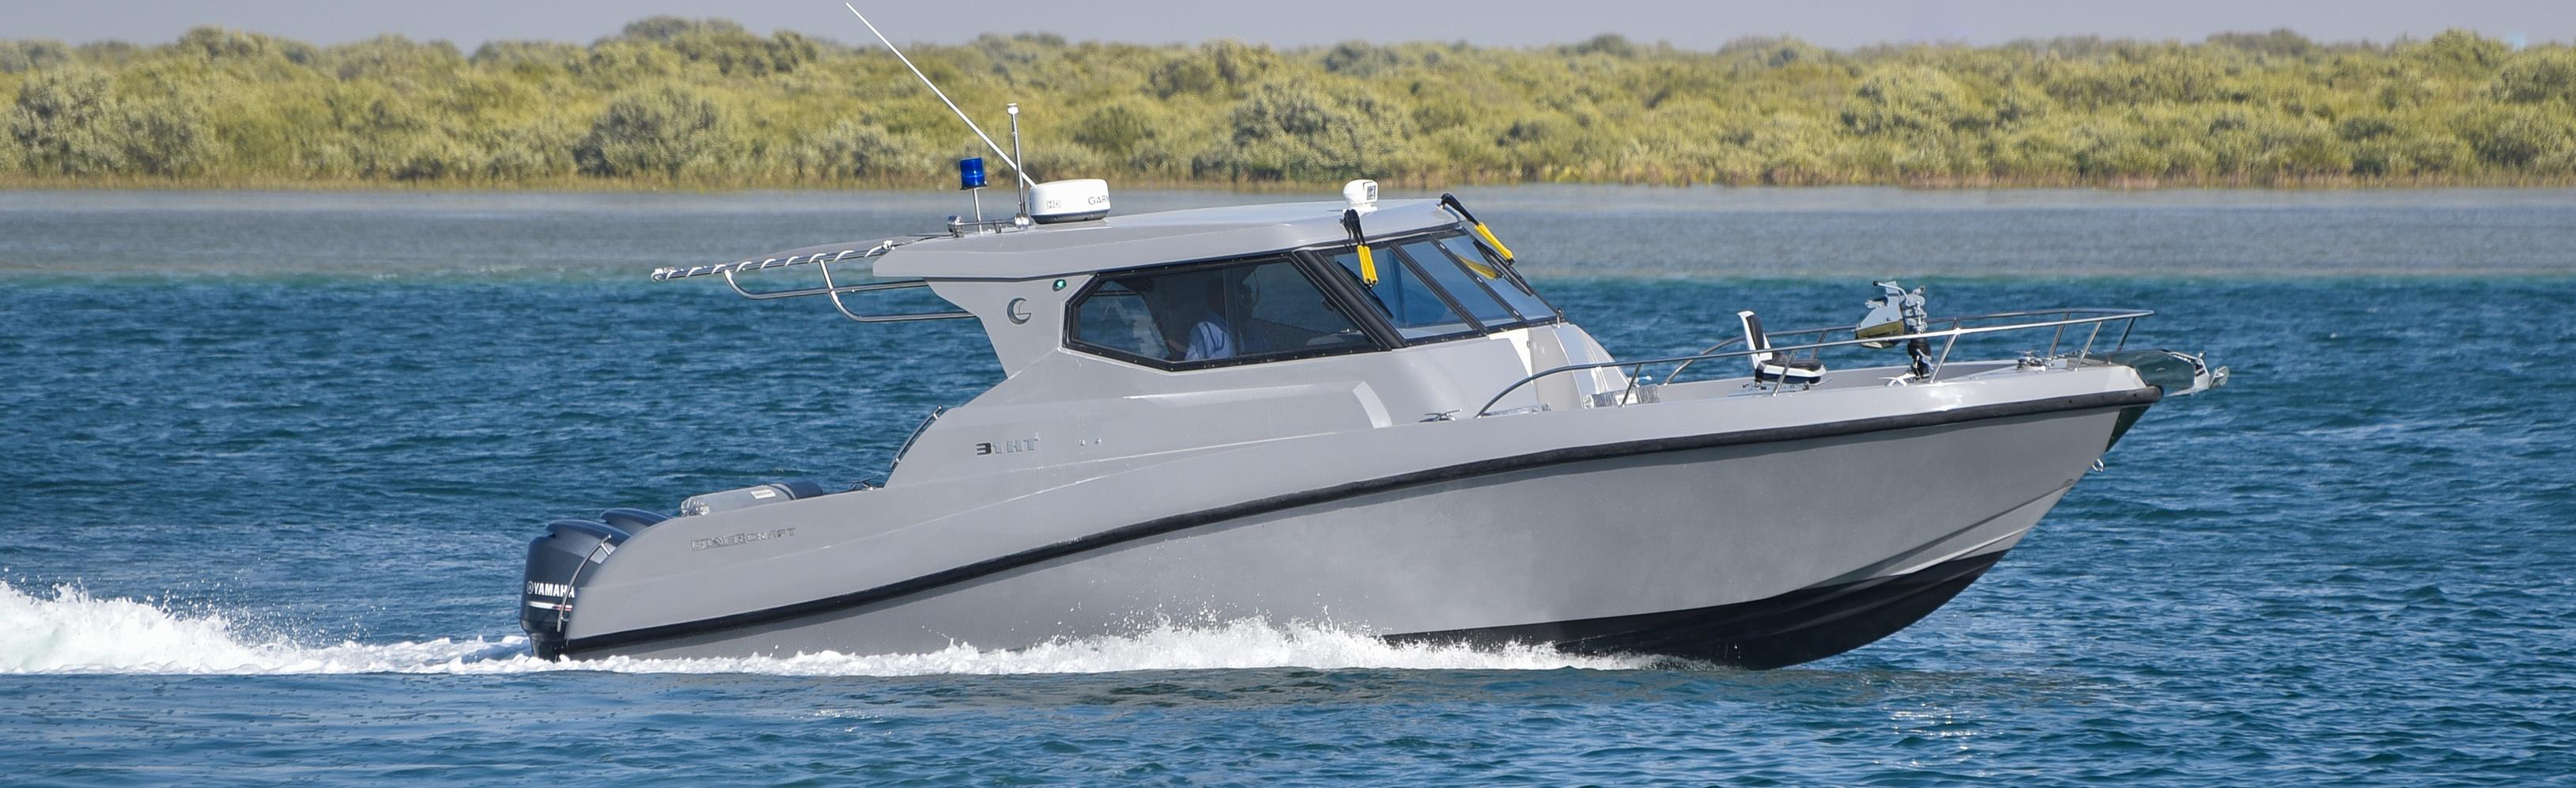 Coast-Guard-31